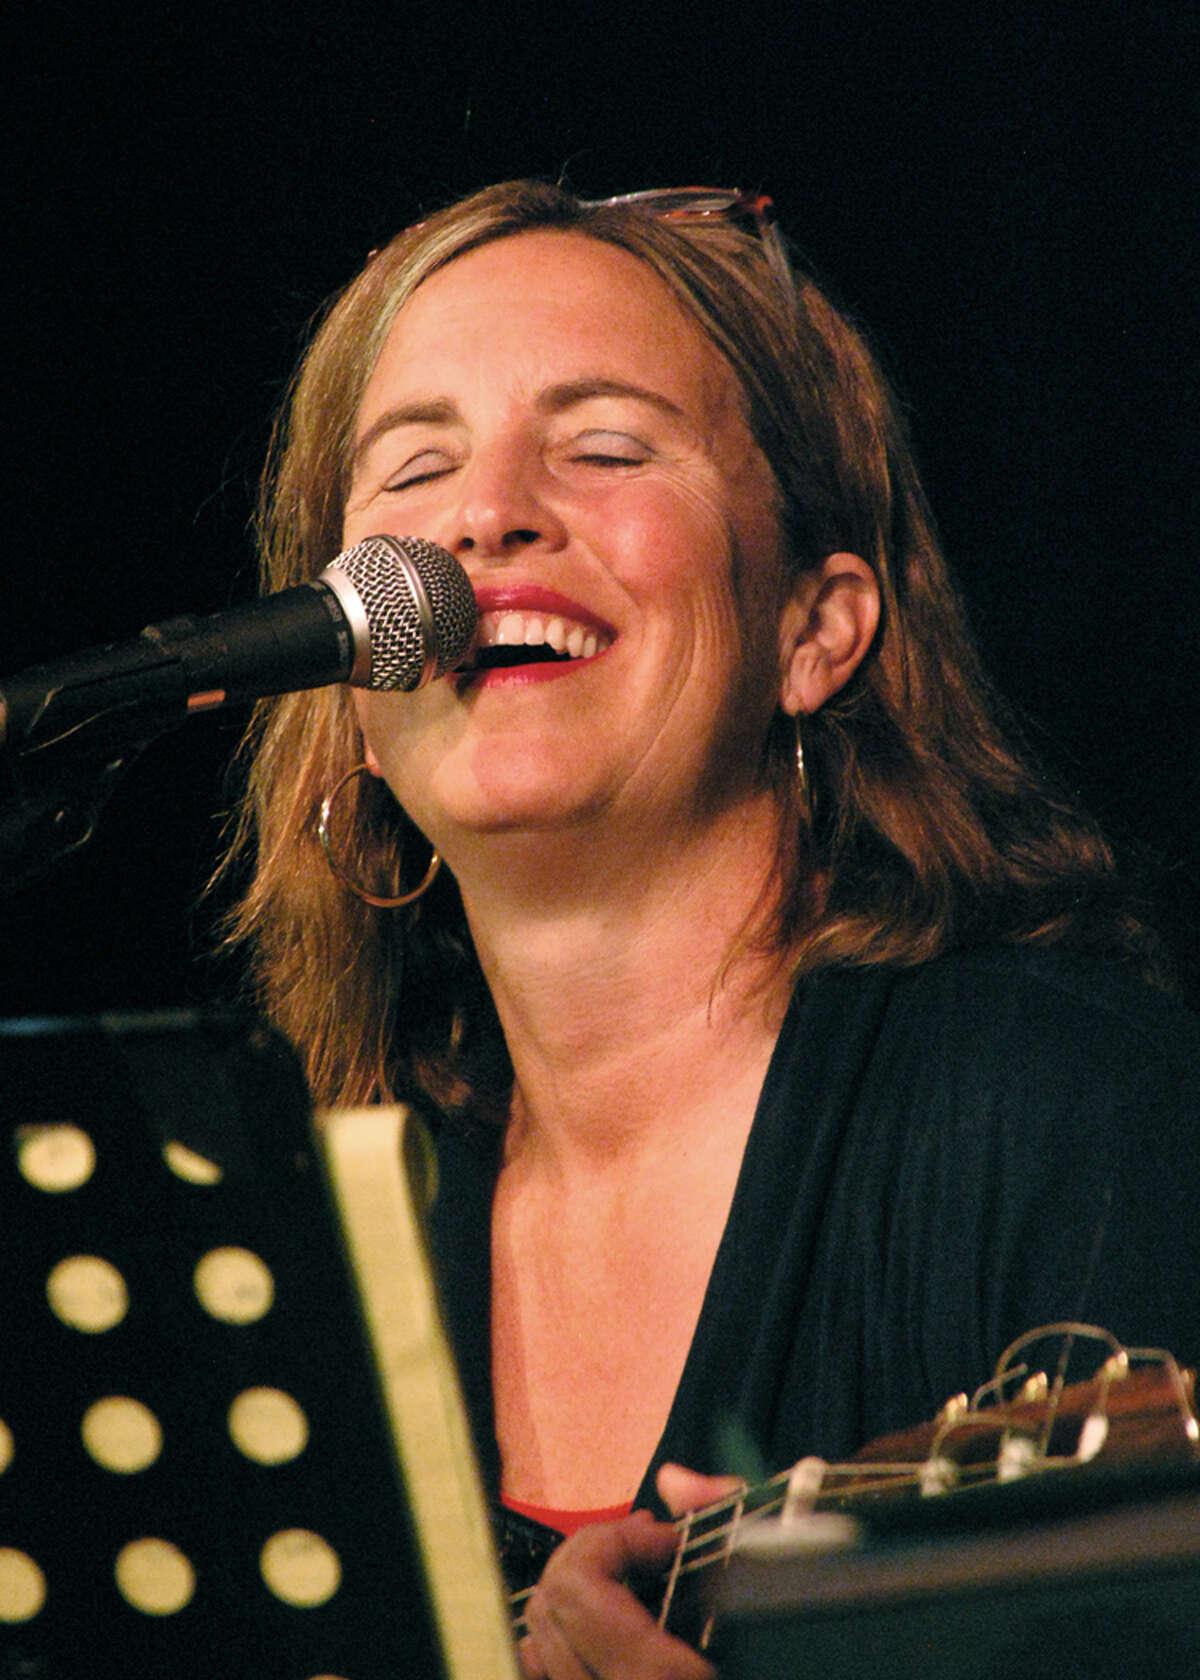 Singer-songwriter Elizabeth Straton